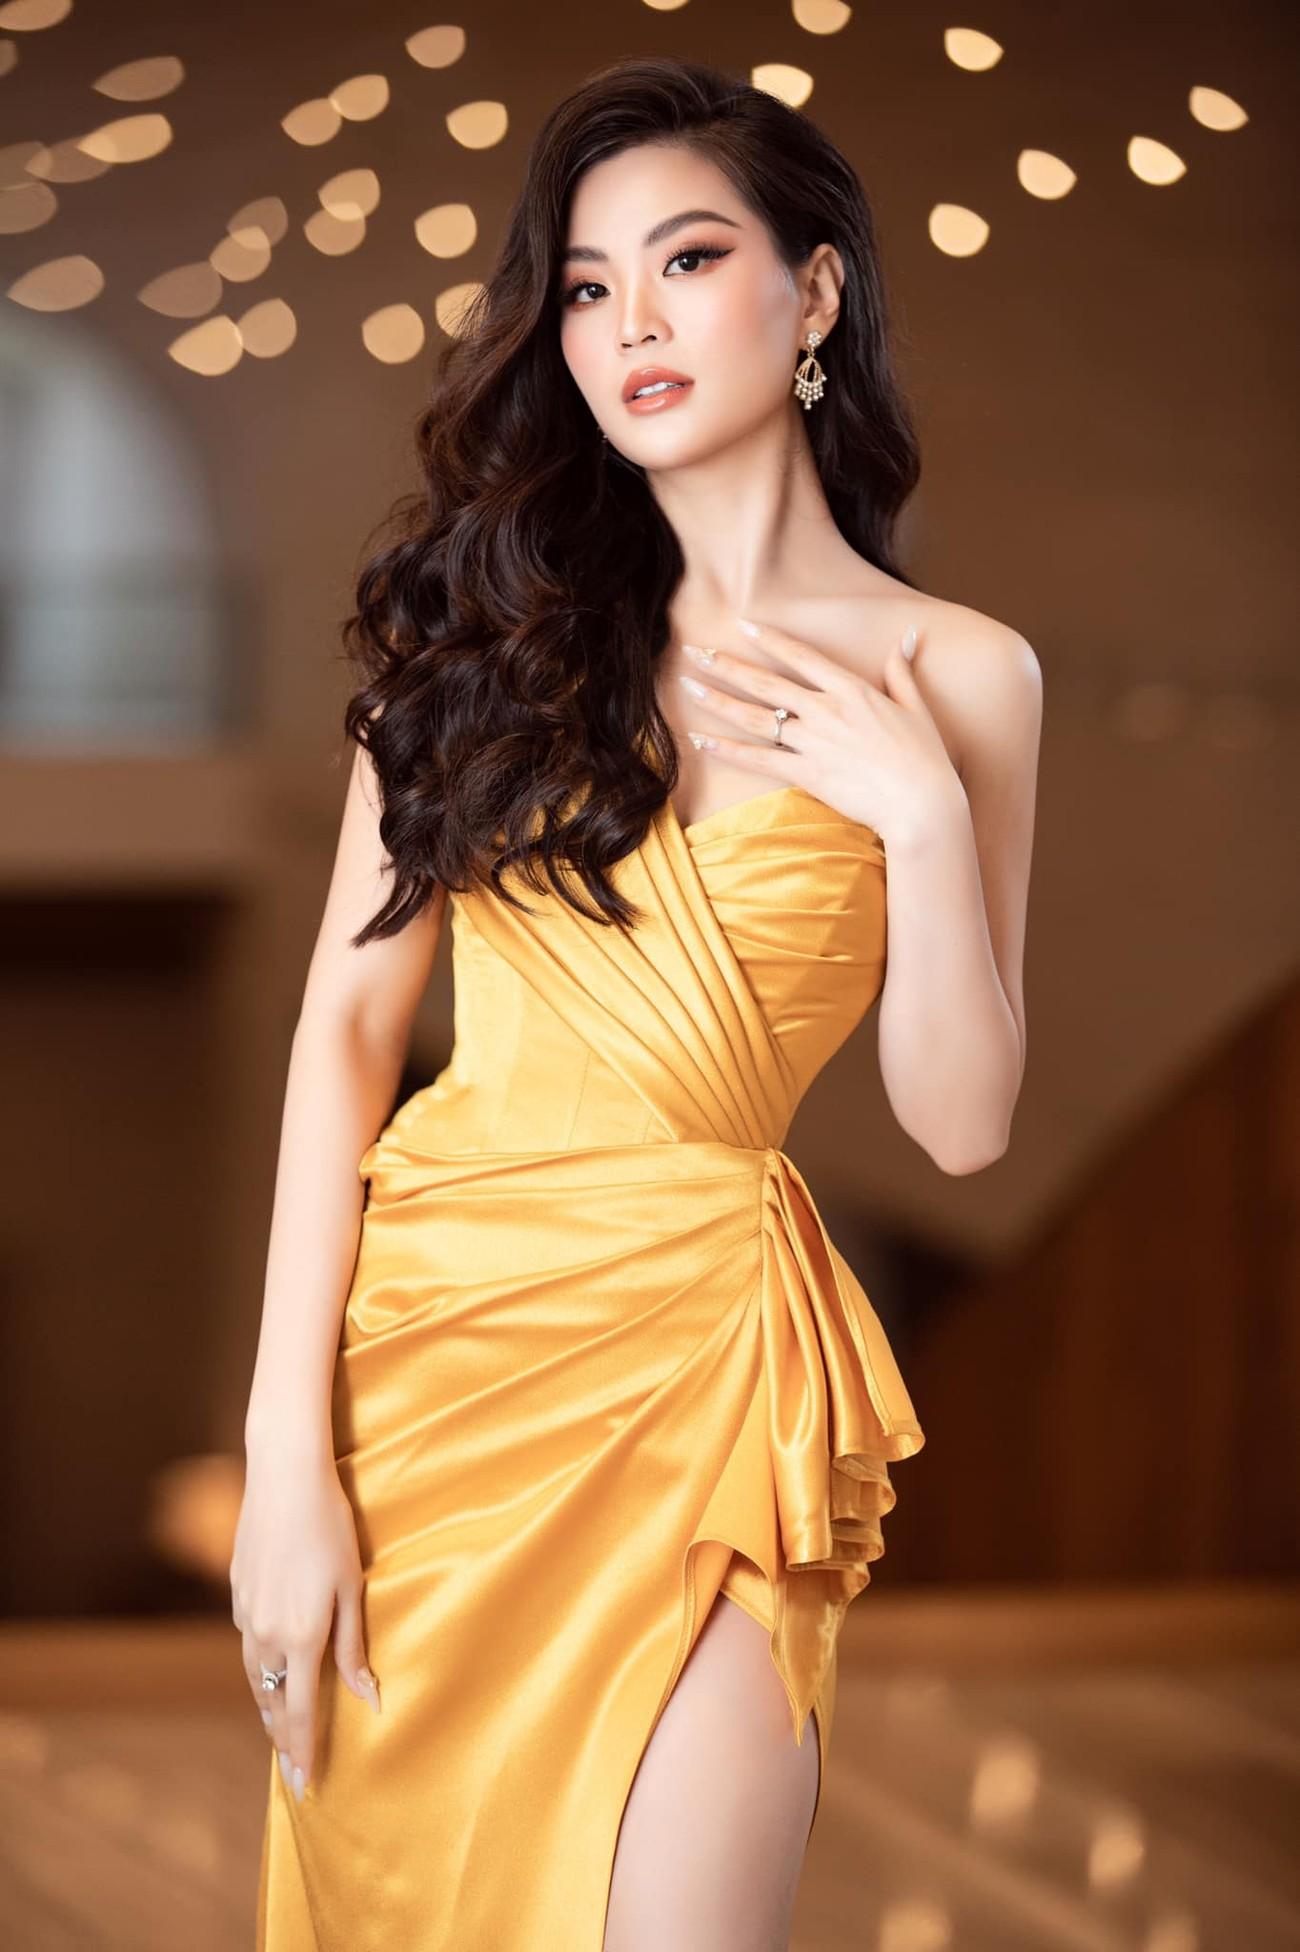 Tiếp tục chinh phục gam màu đỏ, Hoa hậu Đỗ Thị Hà khoe đôi chân 'cực phẩm' ảnh 5